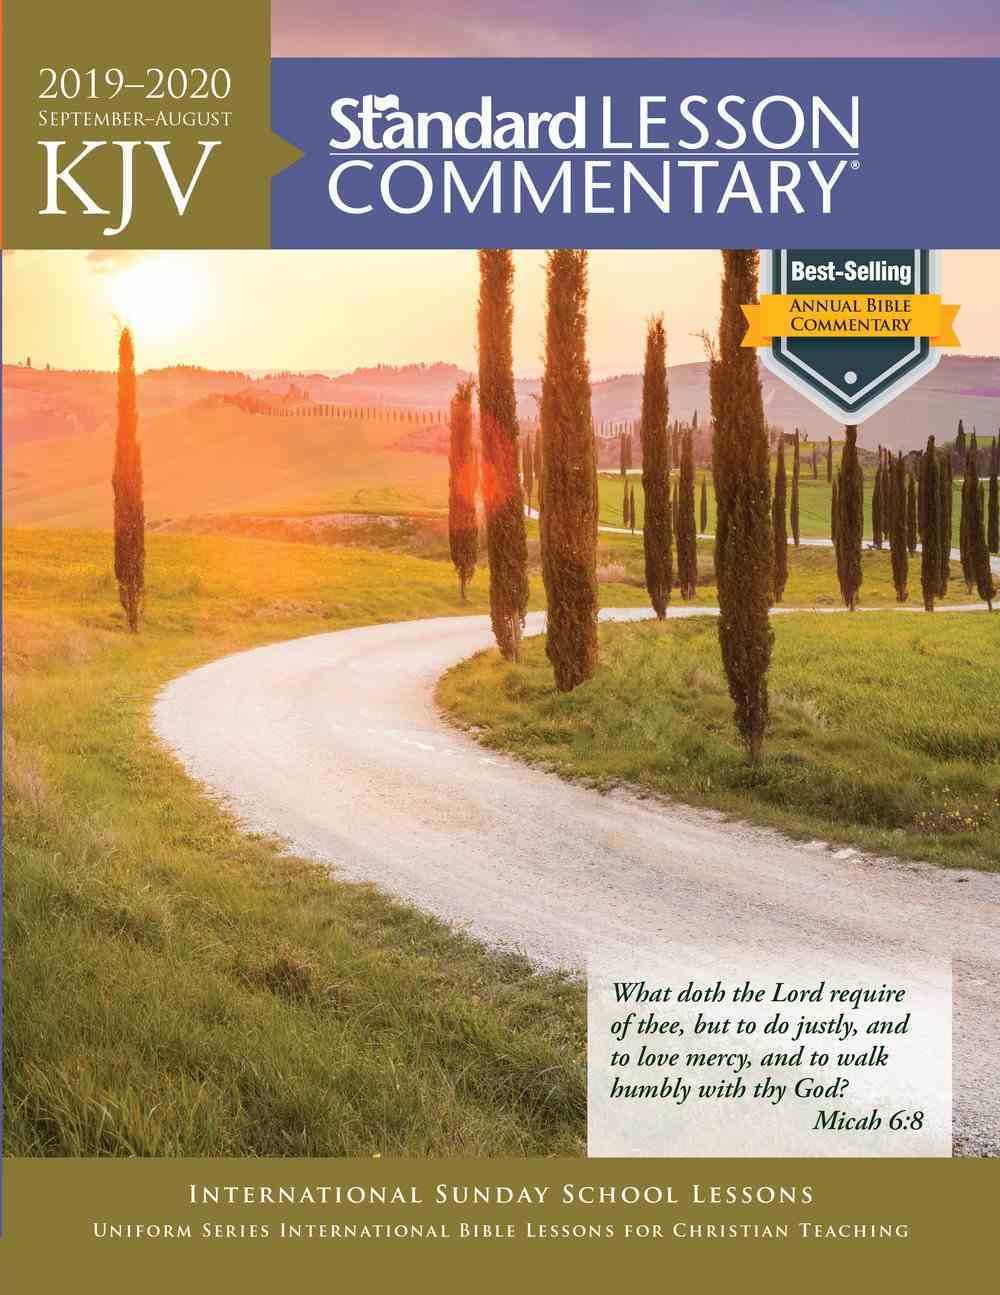 KJV Standard Lesson Commentary 2019-2020 eBook